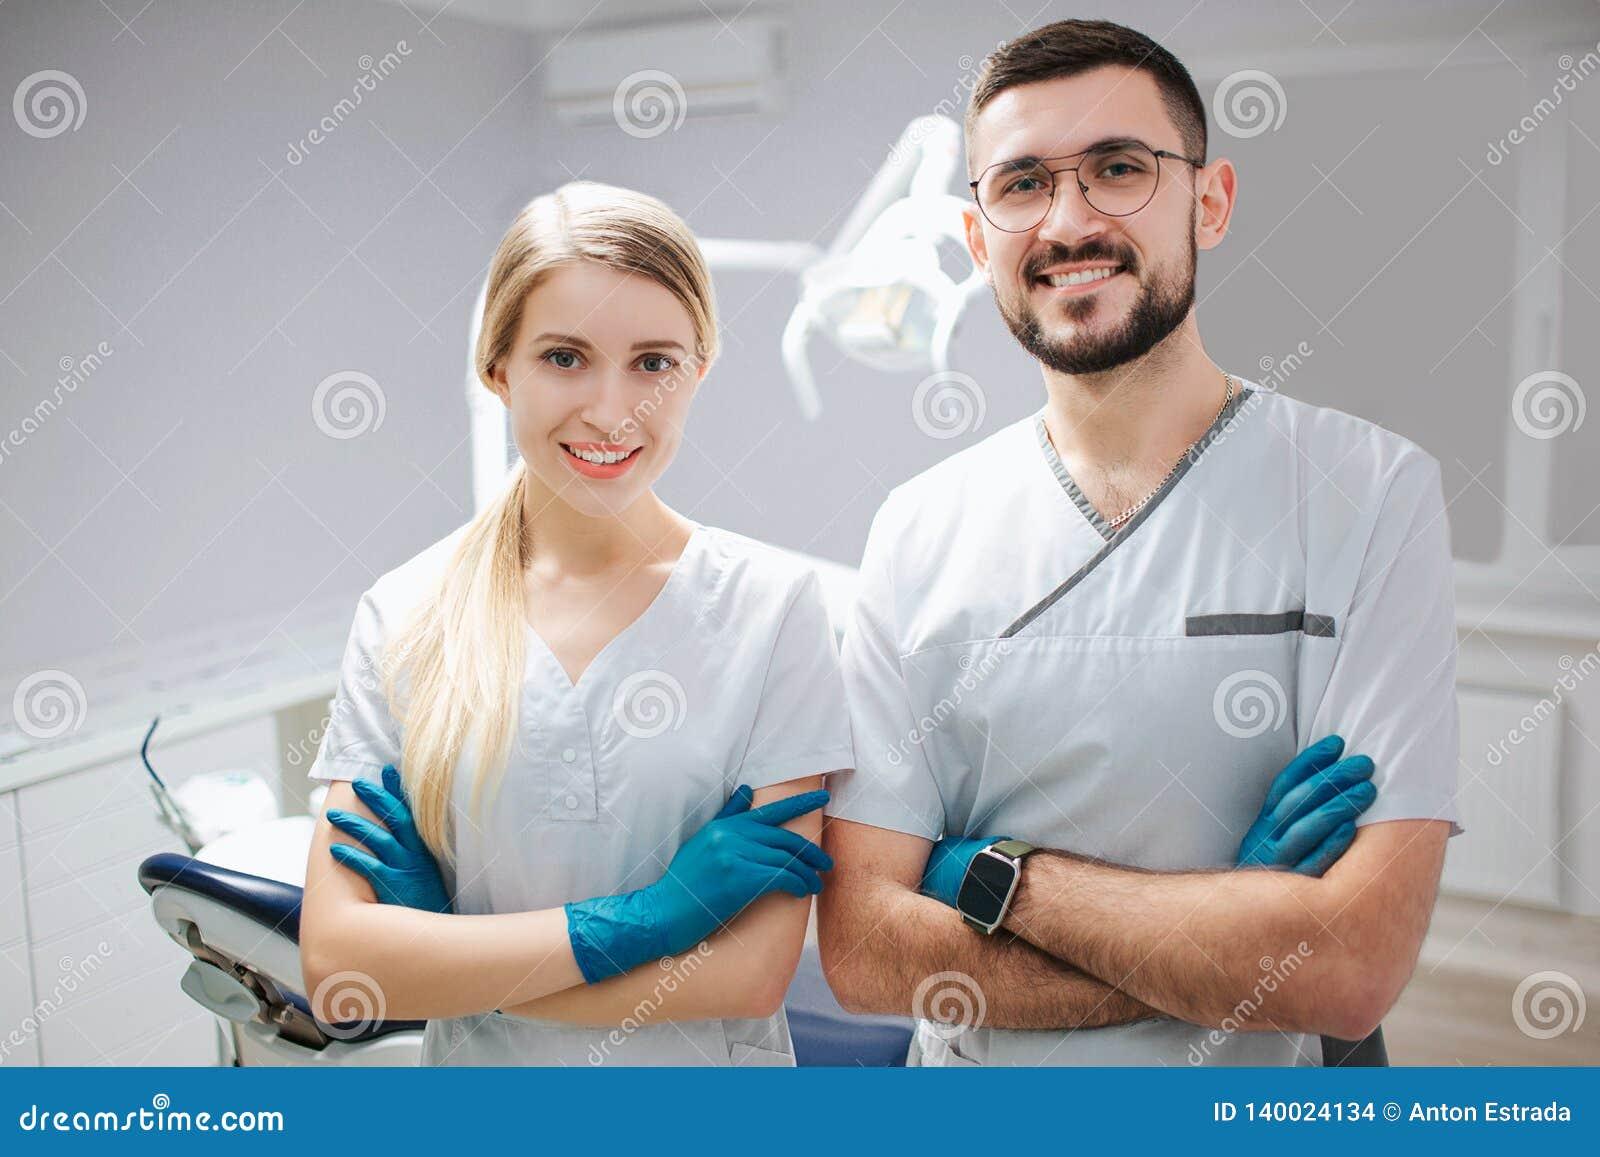 Twee jonge tandartsberoeps in tandheelkunderuimte Zij stellen op camer en glimlach De mensen houden handen gekruist